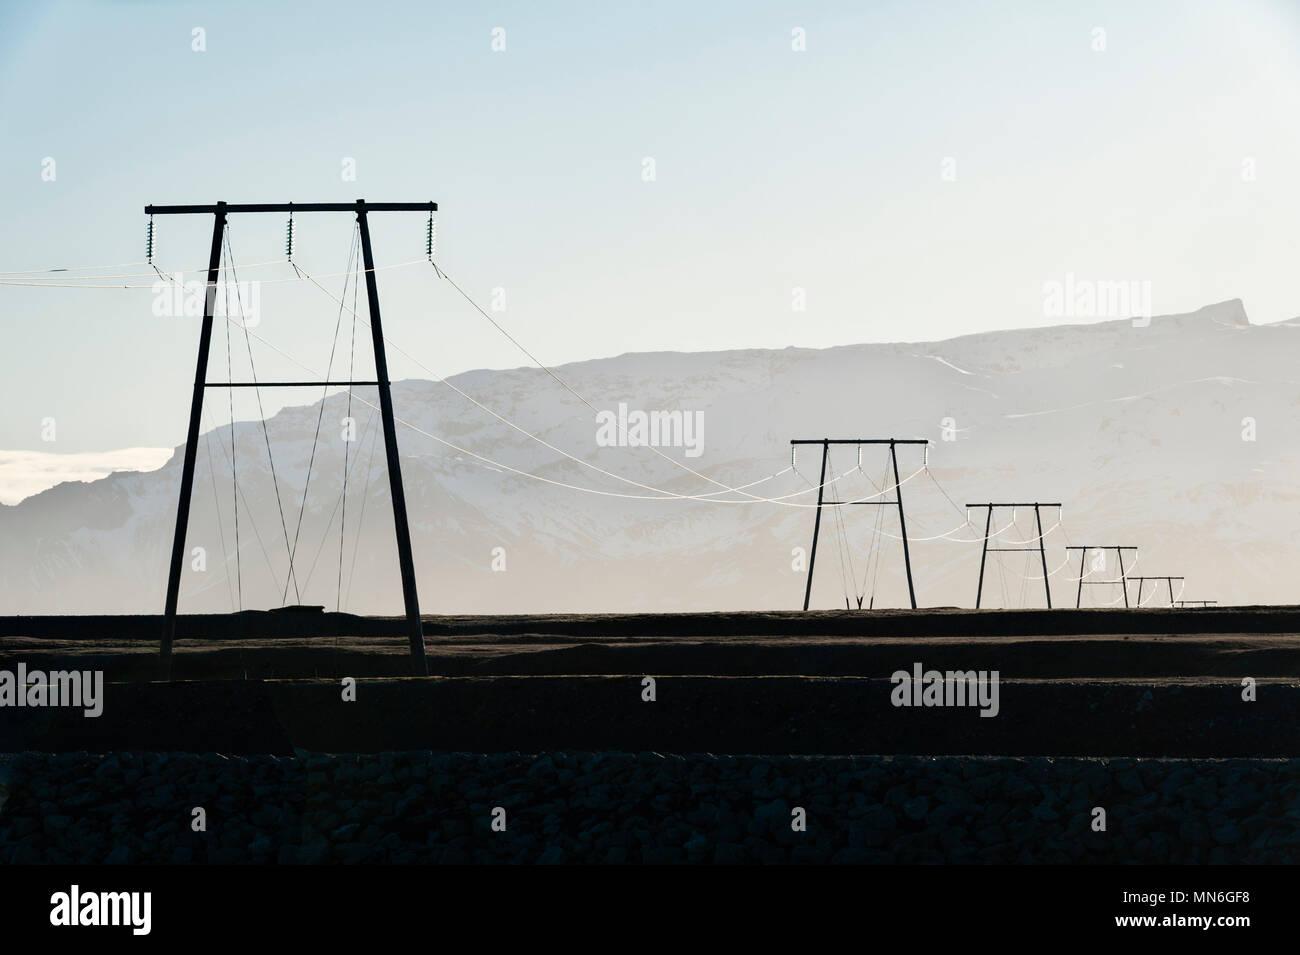 South Island. Strommasten in der Nähe der Küste. Alle elektrischen Energieübertragung und -verteilung wird durch die Firma Landsnet ausführen Stockbild